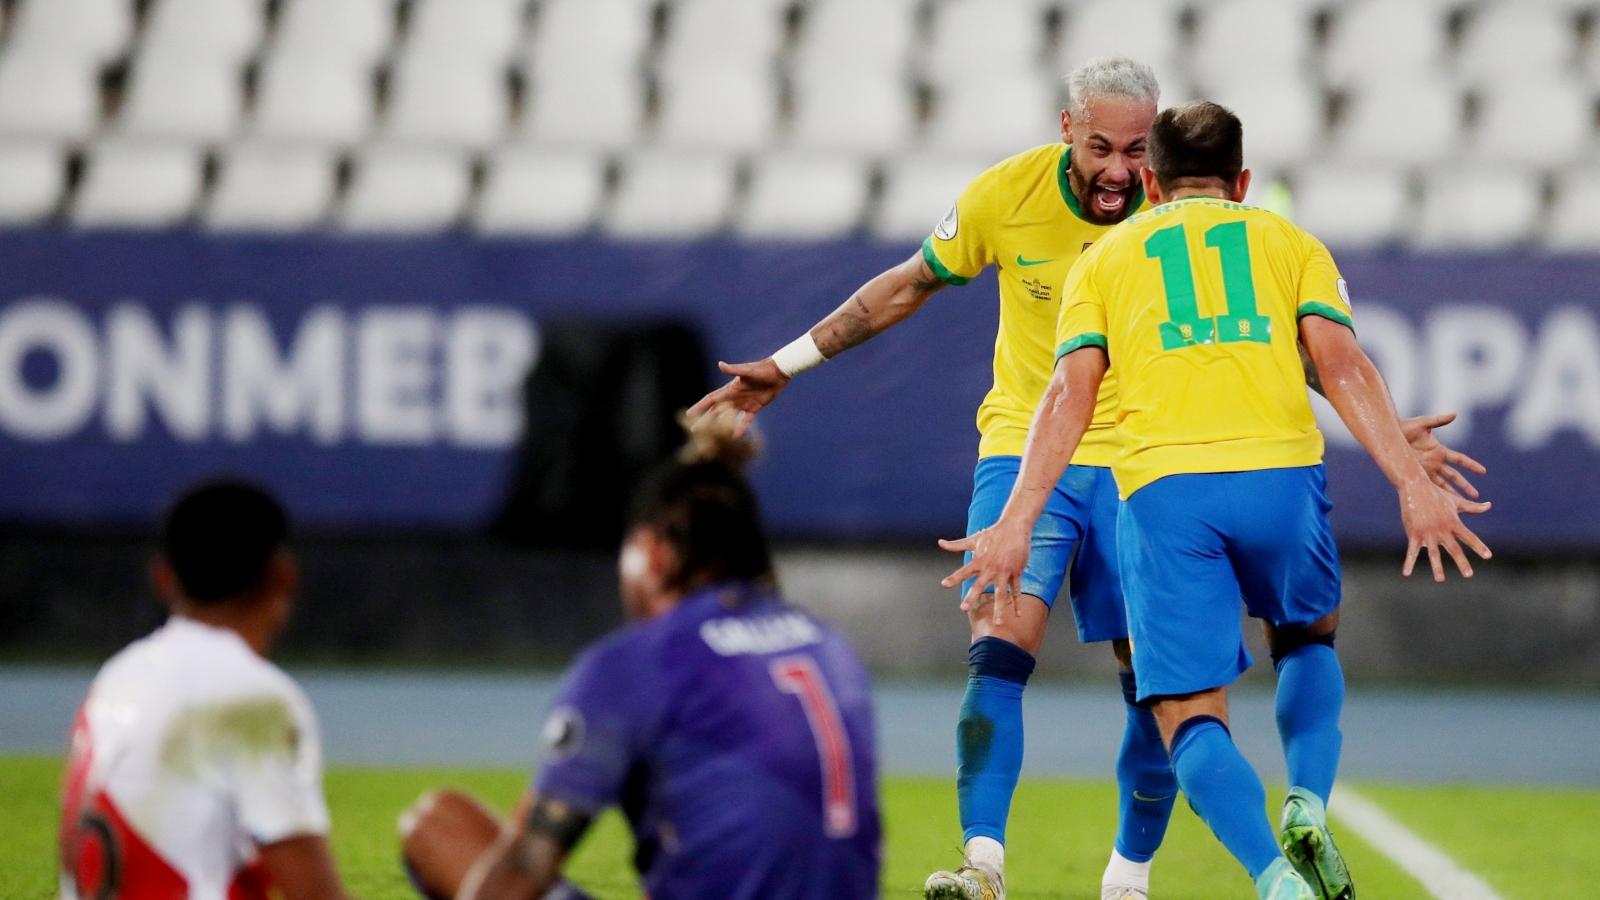 Bảng xếp hạng Copa America 2021 mới nhất: Brazil tiến gần tứ kết, Argentina gặp thách thức